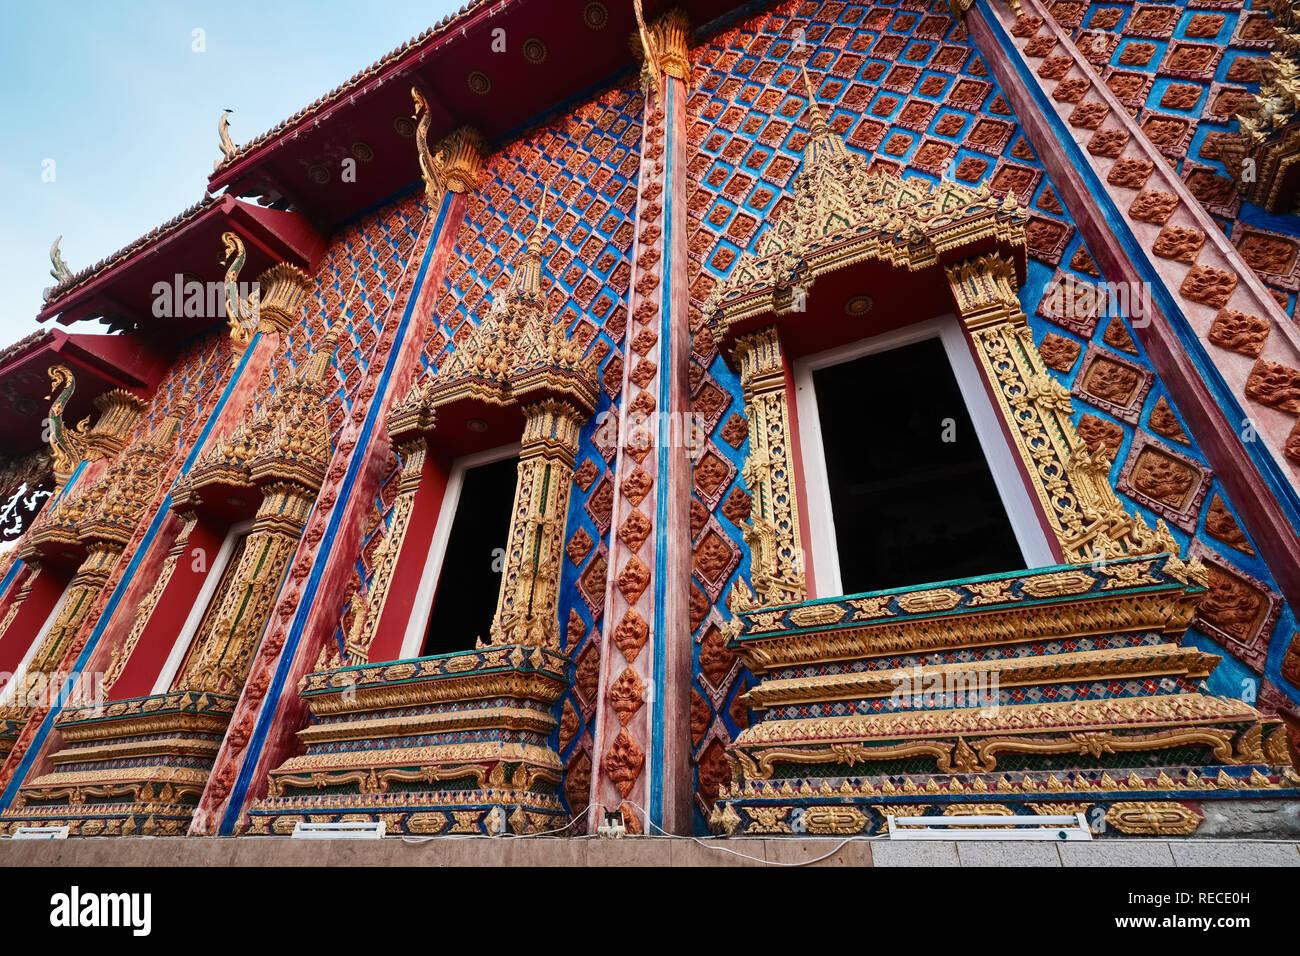 Les fenêtres et l'ornementation murale de Wat Phra Nang Sang, Thalang, Phuket, Thailand Banque D'Images